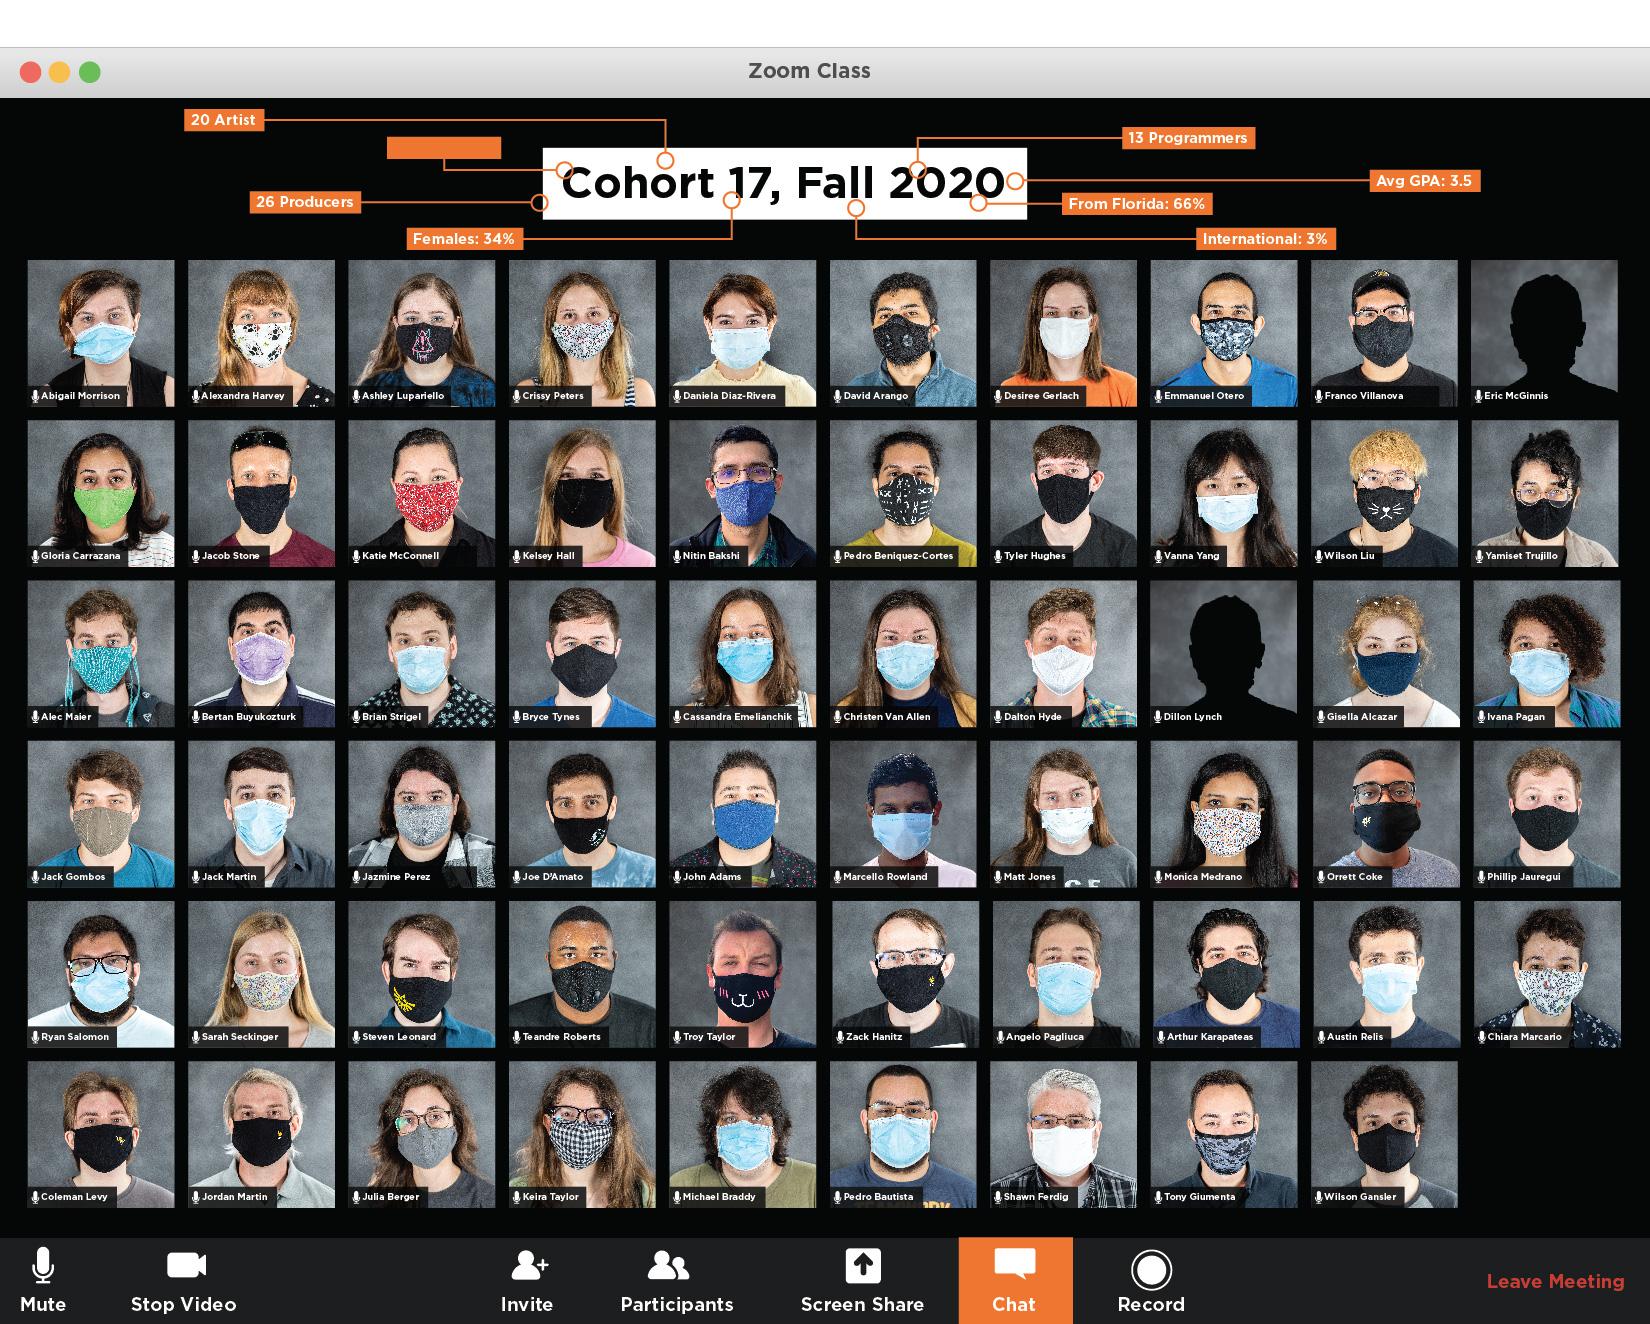 FIEA's Cohort 17 'Zoom Class'